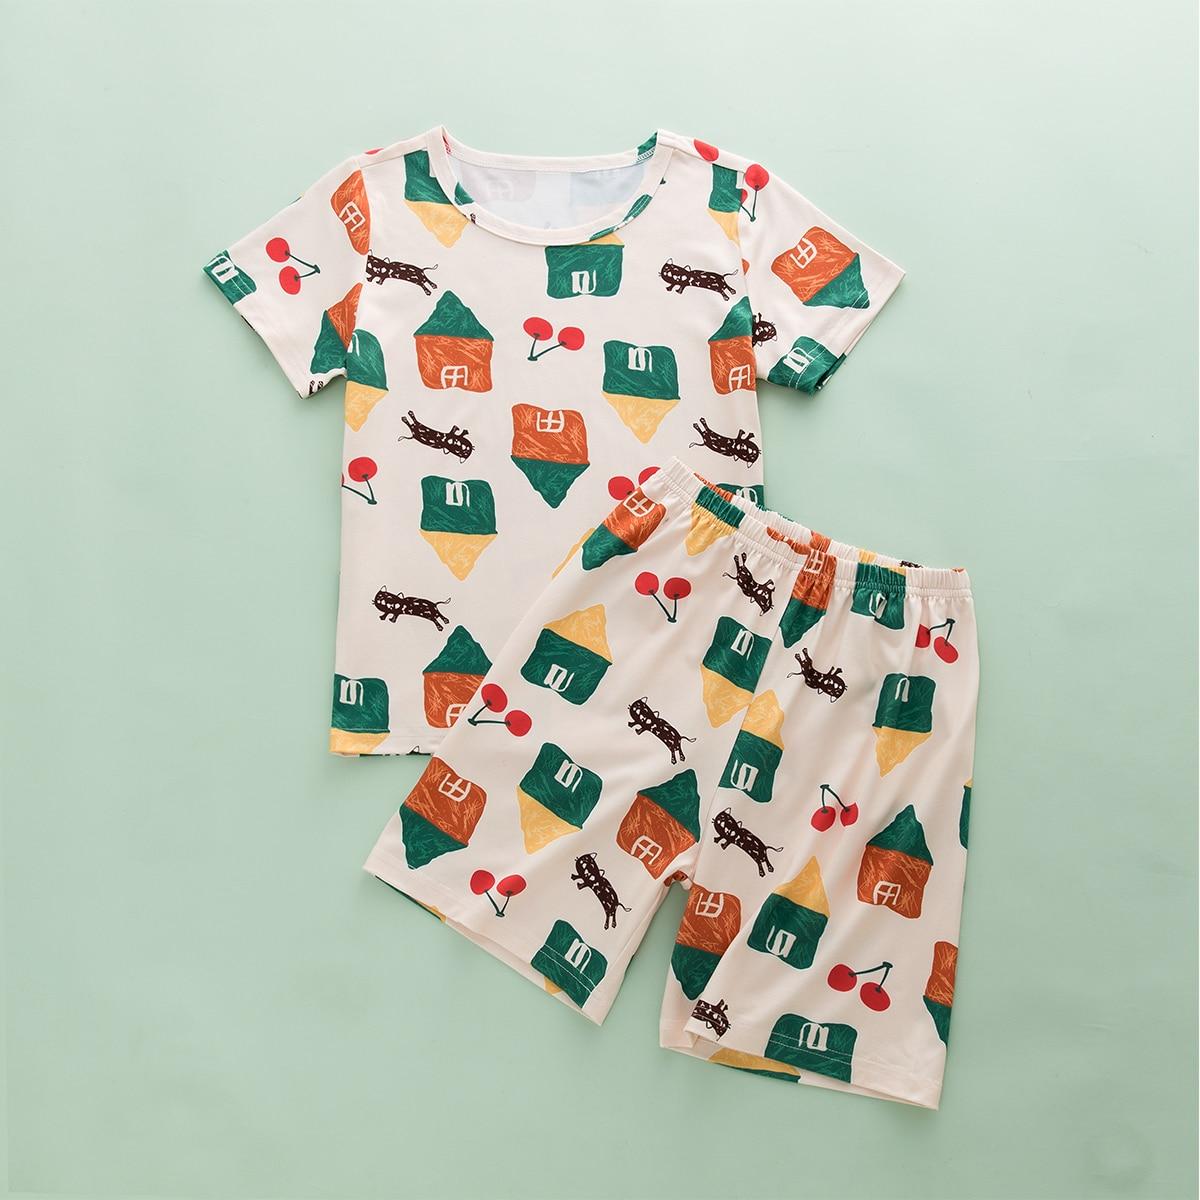 Многоцветный Мультяшный принт милый Домашняя одежда для мальчиков фото